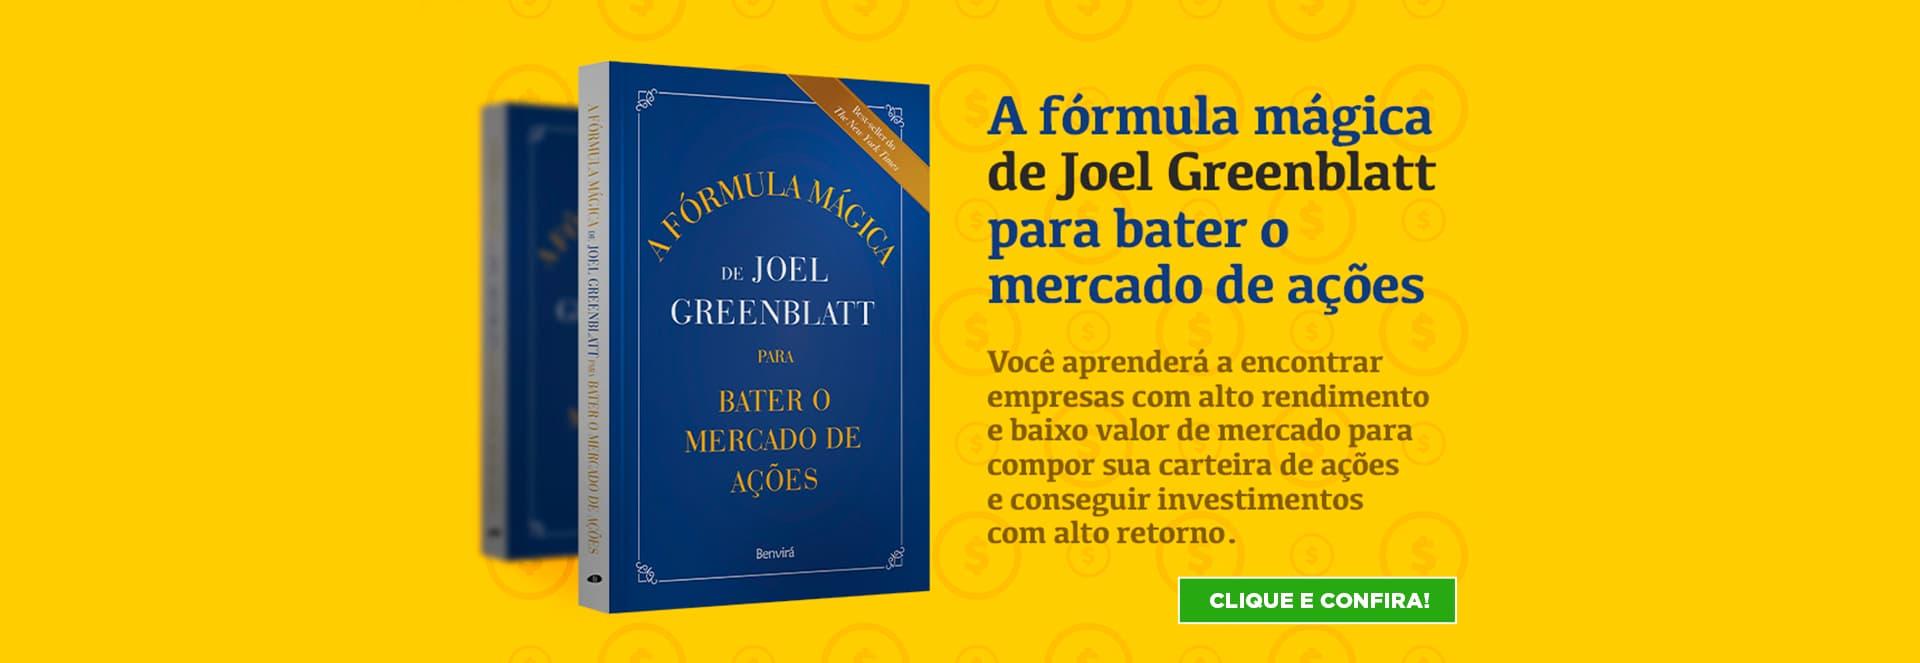 A Fórmula Mágica de Joel Greenblatt